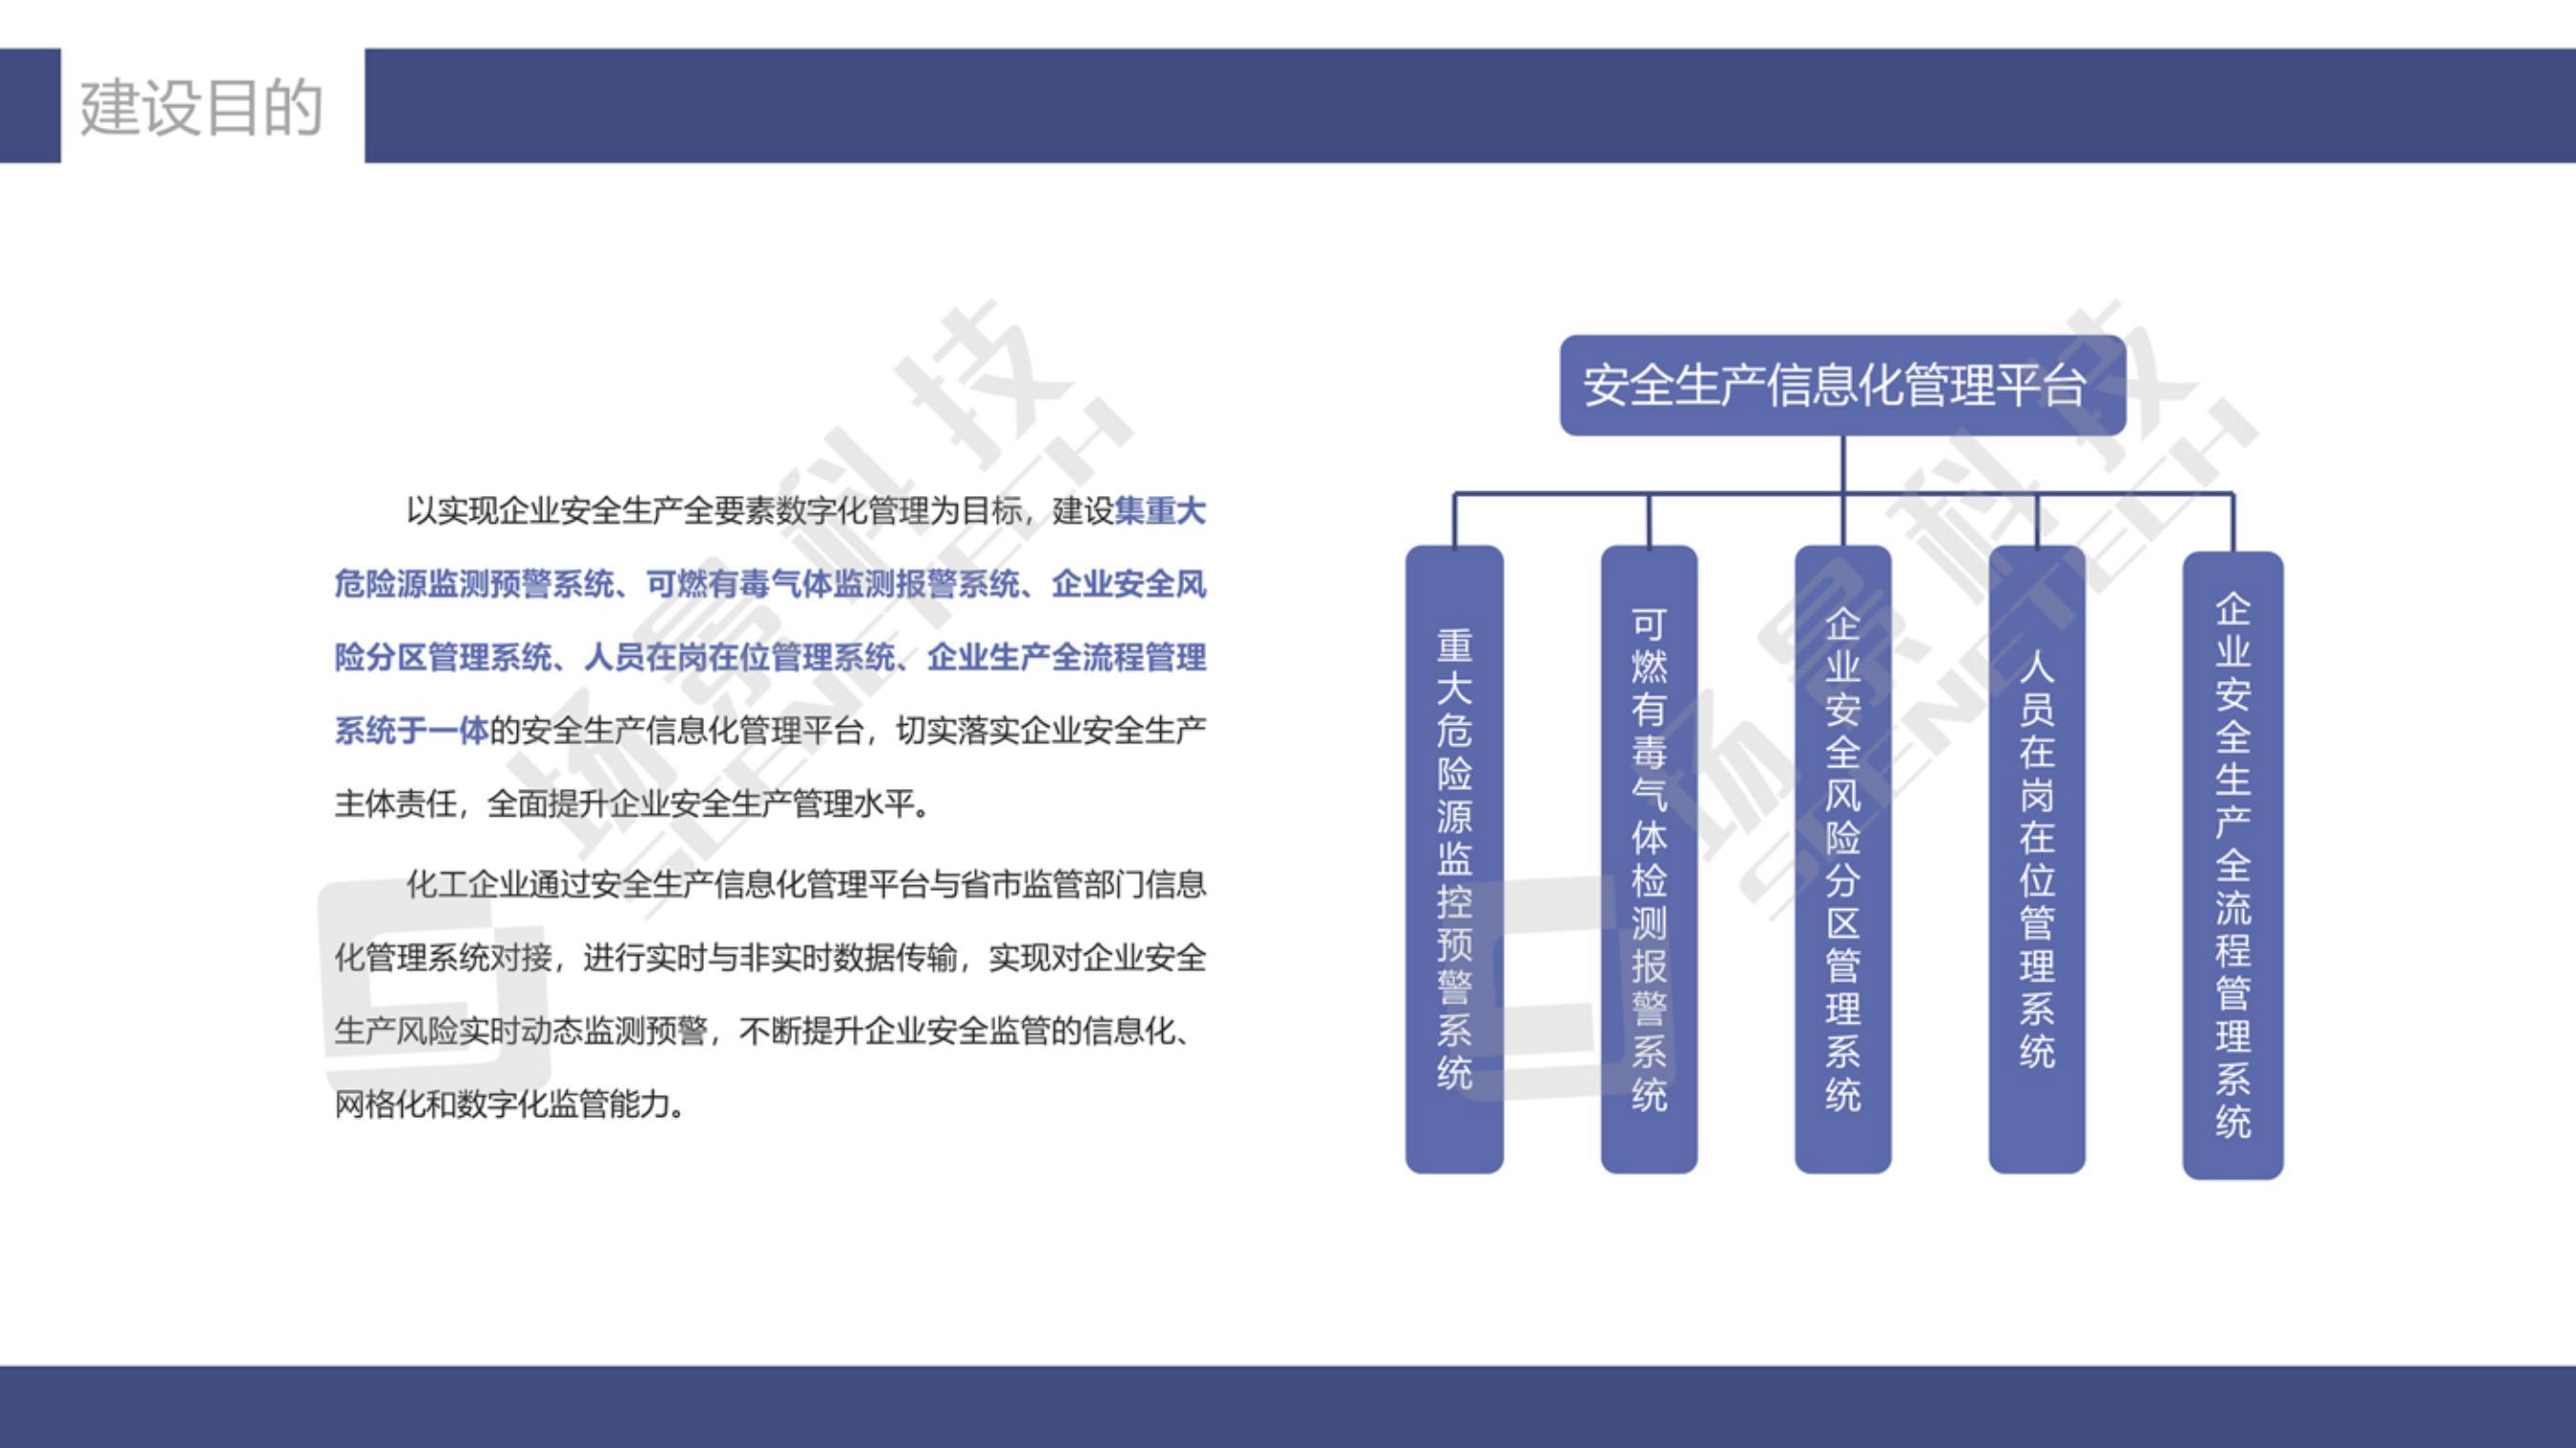 化工安全生产信息化管理解决方案20210511_06